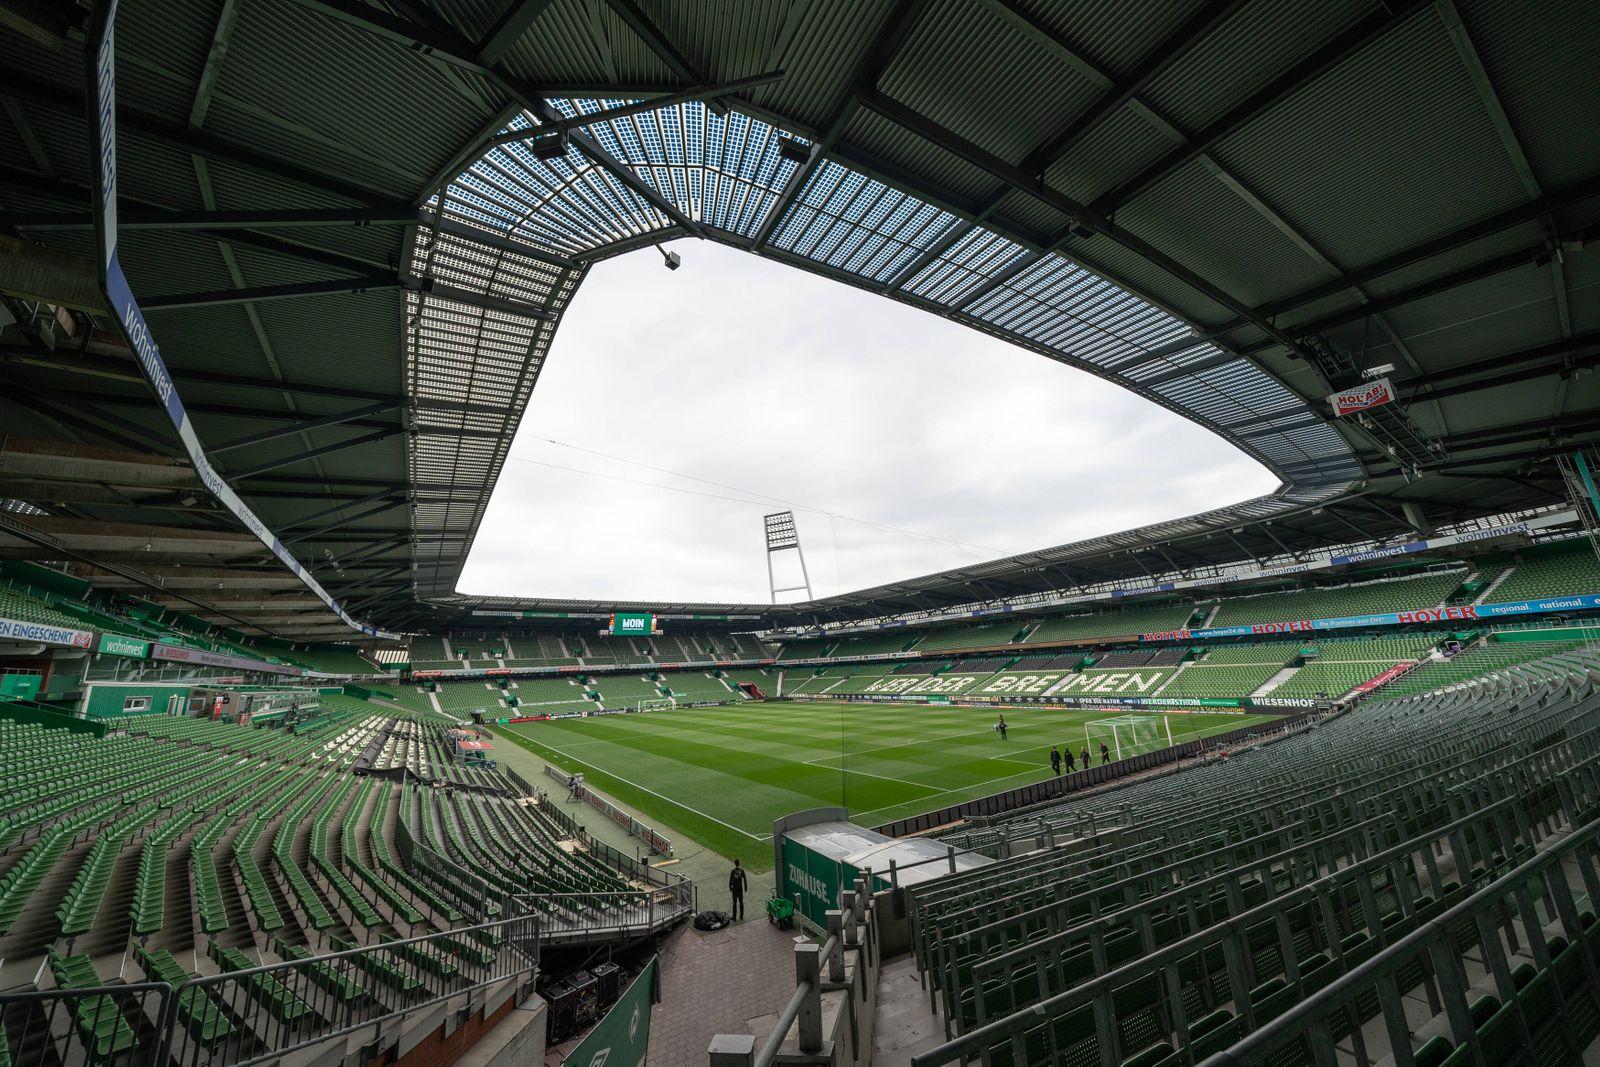 SV Werder Bremen vs Bayer 04 Leverkusen, 18.05.2020 Feature Ueberblick Stadion leeres Stadion Spielertunnel, Flutlichtm